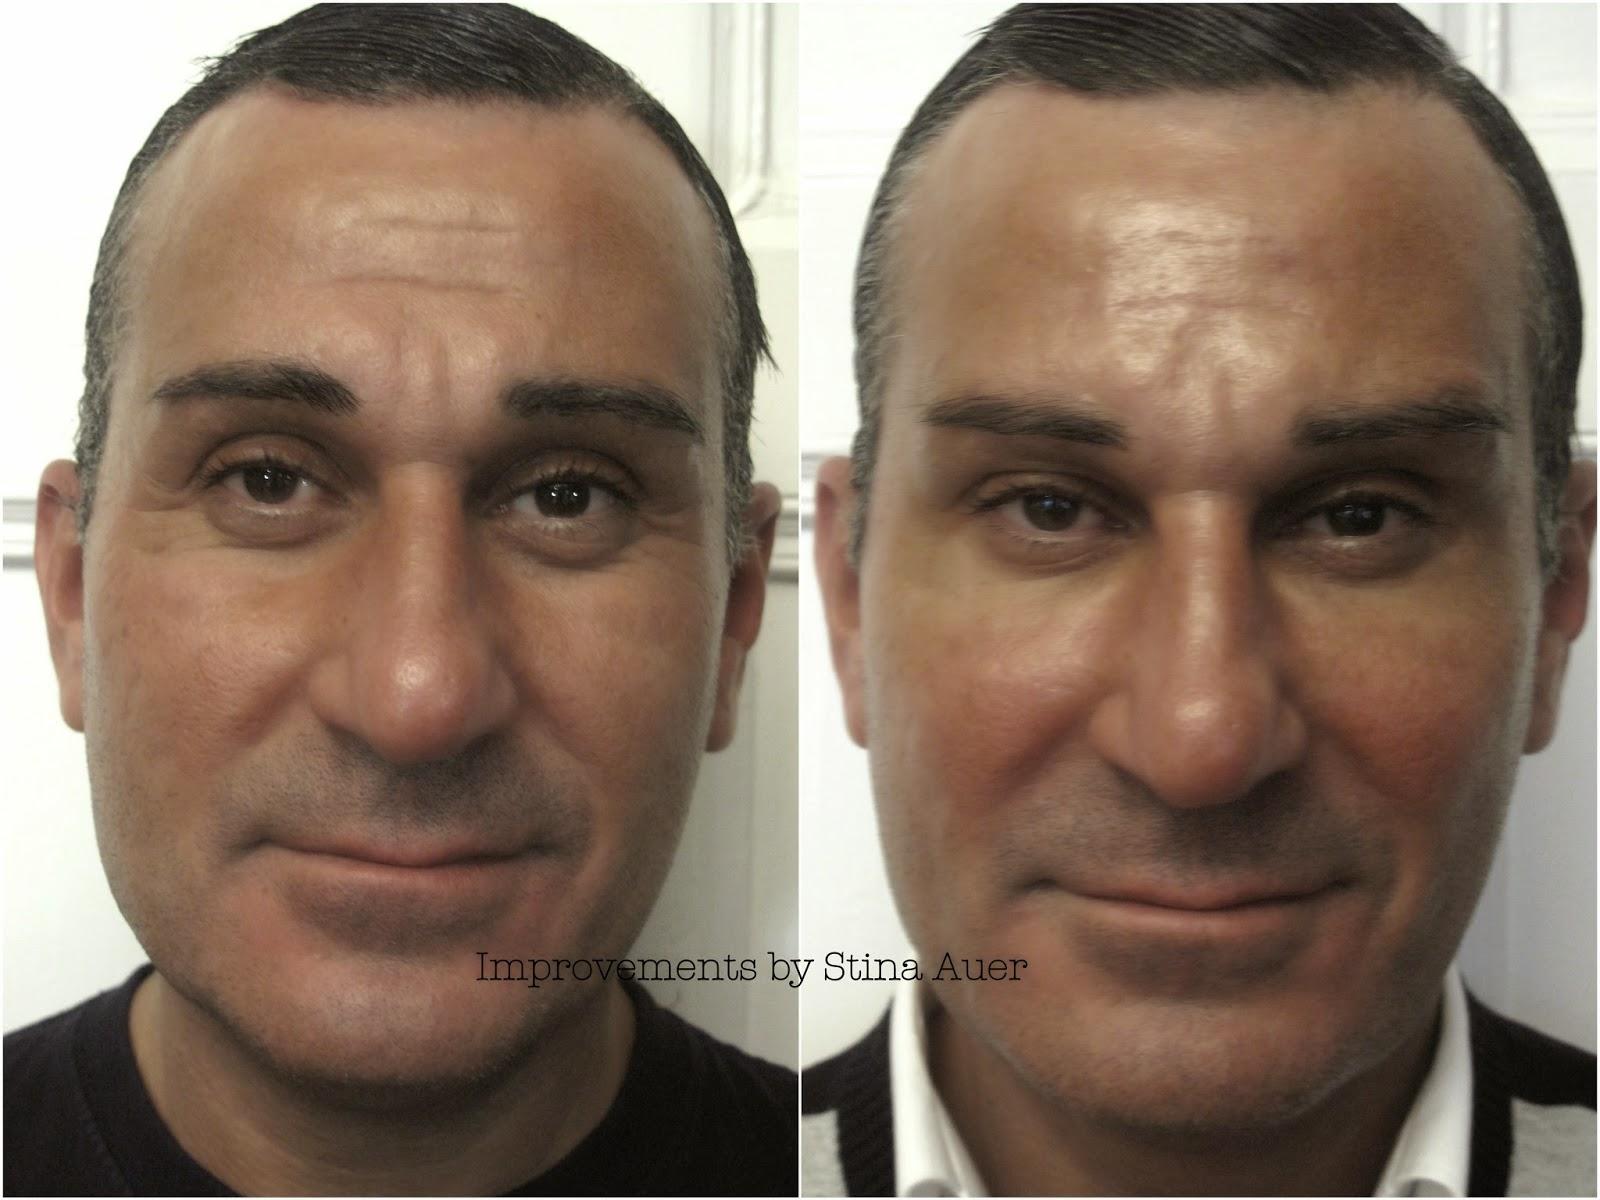 hur ser man äldre ut i ansiktet